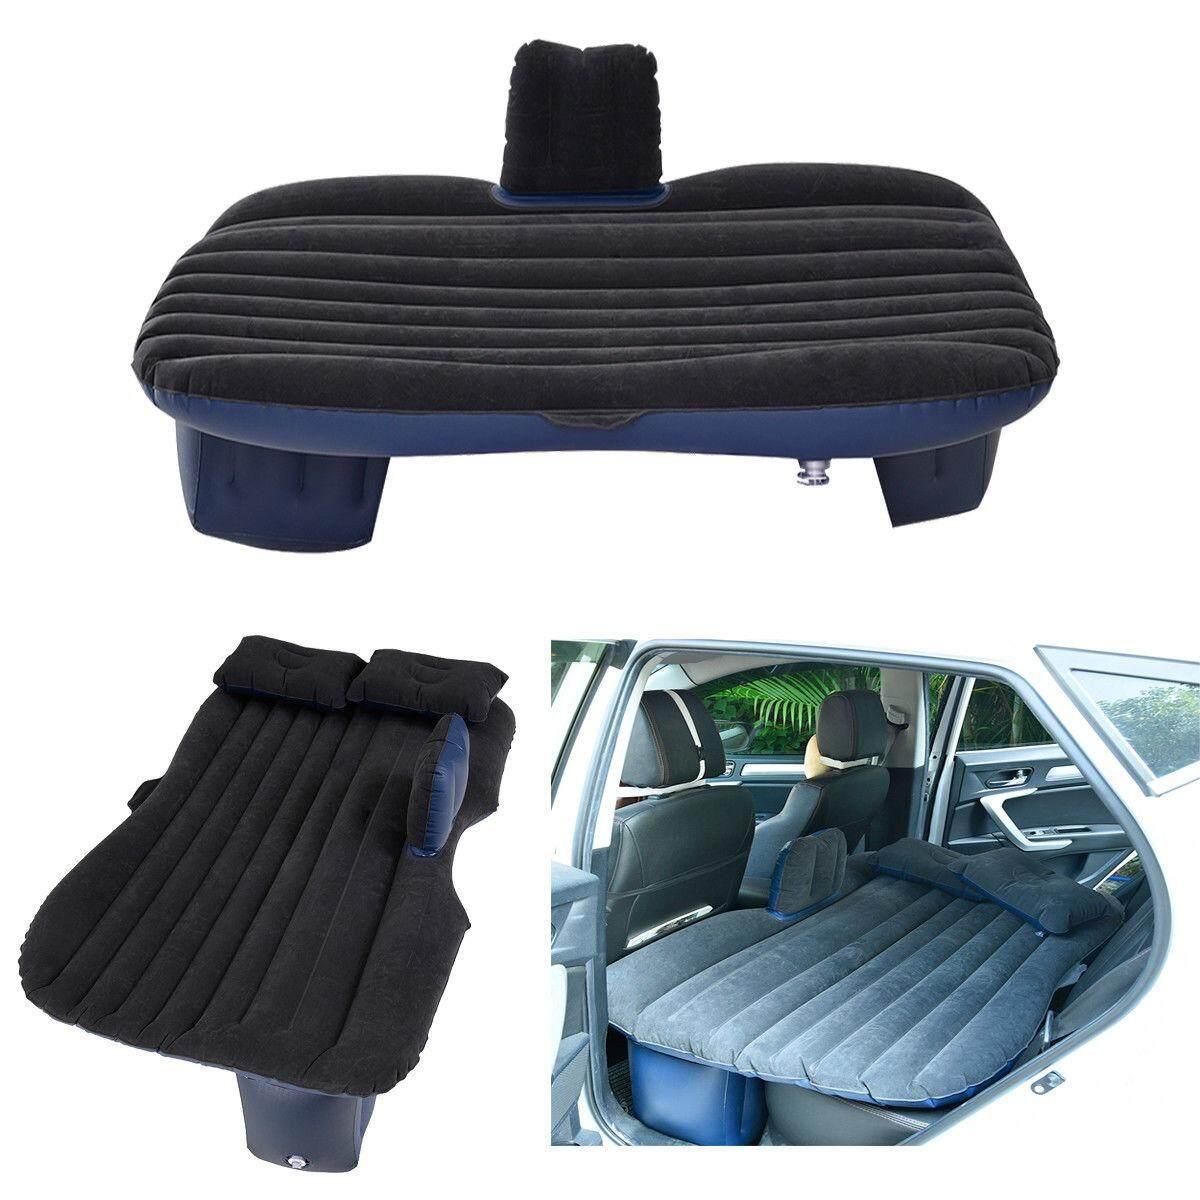 Daily buy ที่นอนอเนกประสงค์ในรถ ‼️ลดราคาสุตสุต‼️ เบาะนอนในรถ เบาะเป่าลม ผิวกำมะหยี่ ฟรีหมอน2ใบ+ปั้มสูบลม สีดำ